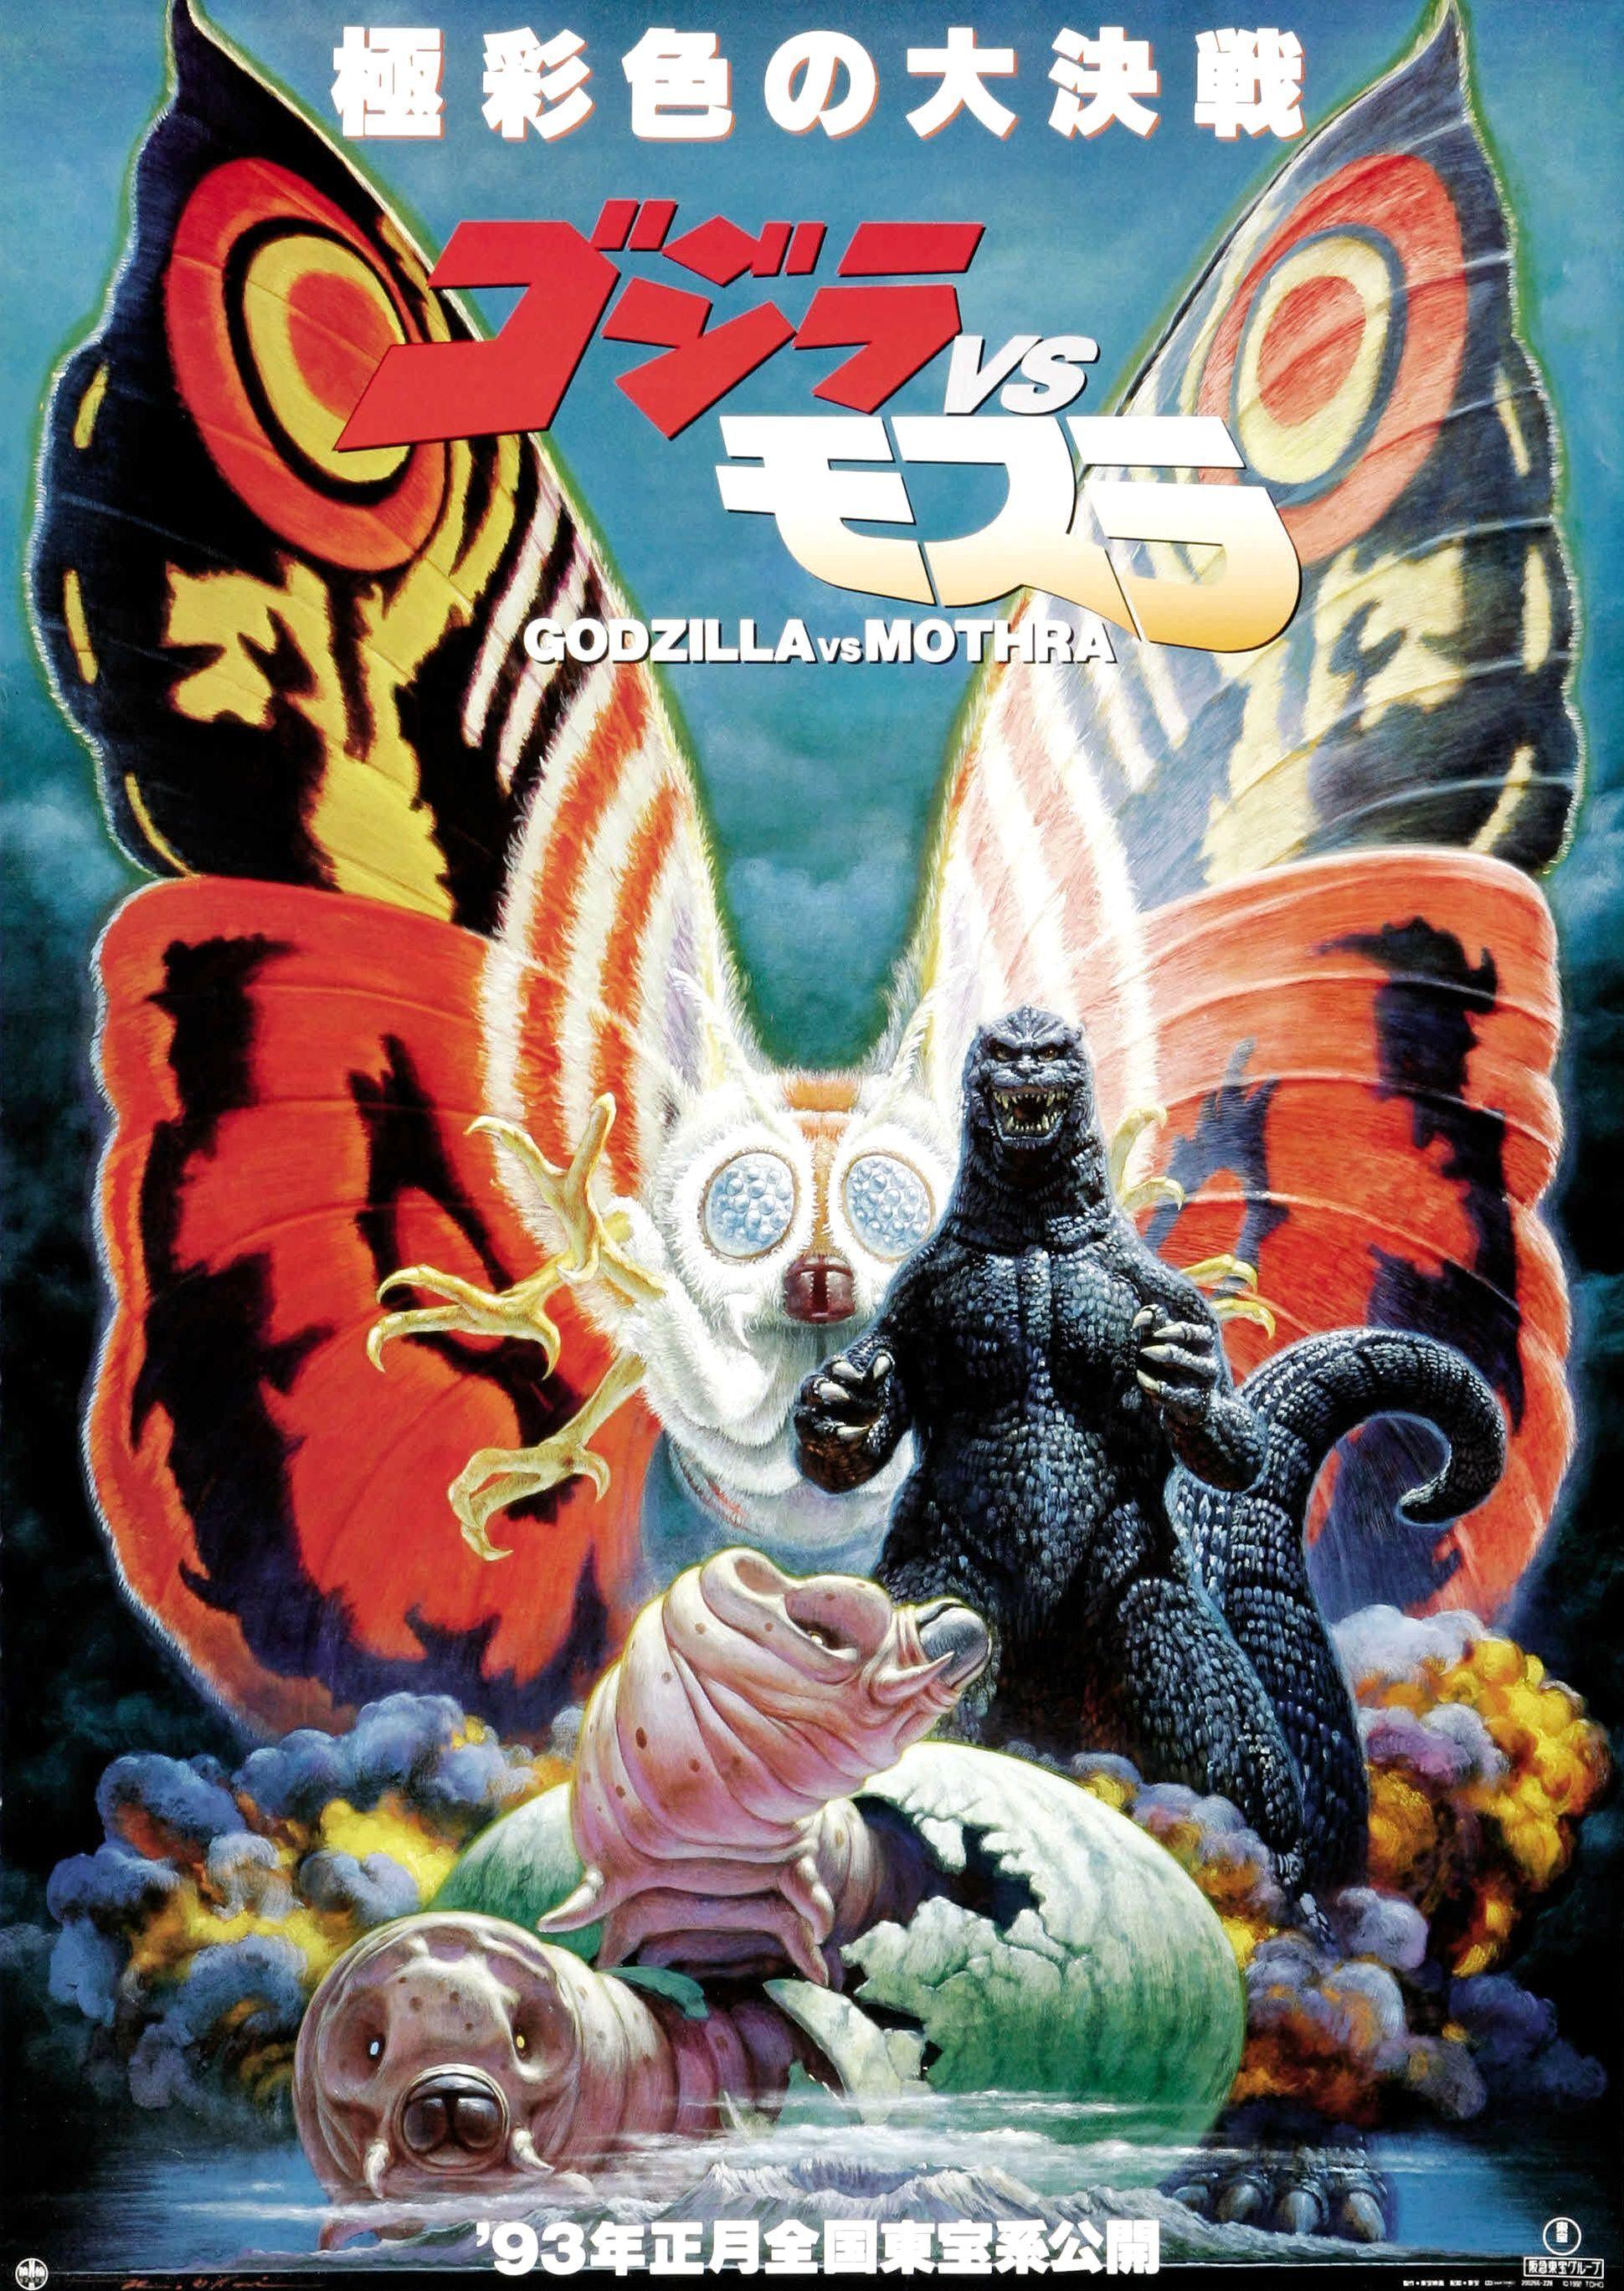 Godzilla vs Mothra The Battle for Earth 1992